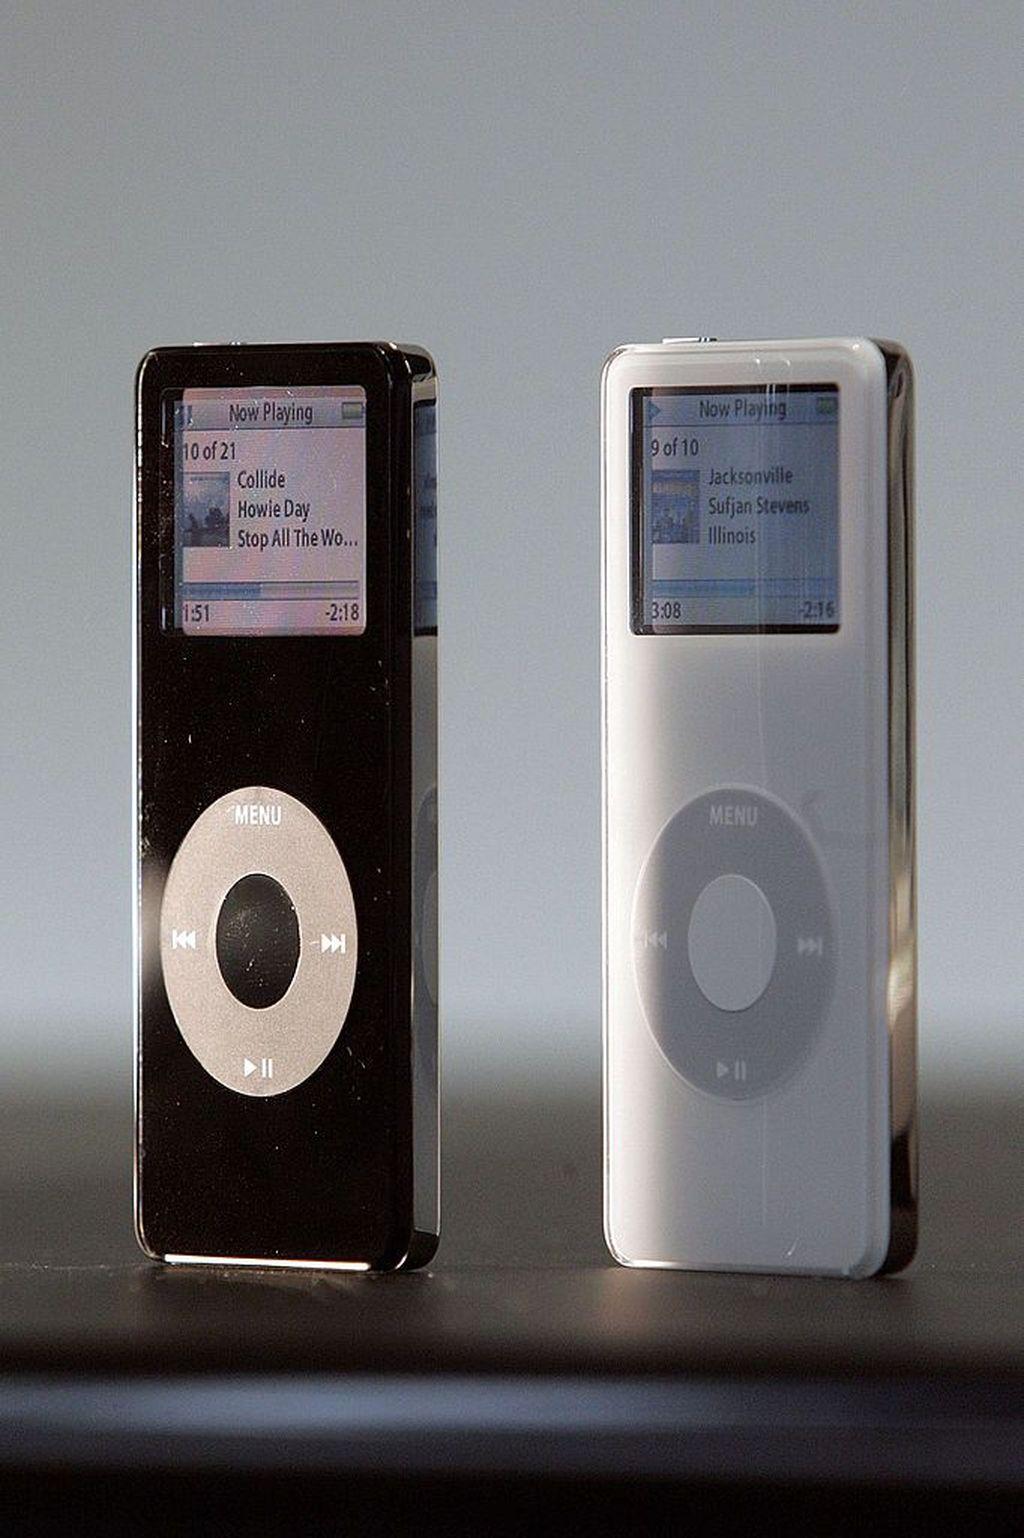 iPod Nano diperkenalkan pada 7 September 2005, sebagai suksesoriPod Mini. Steve Jobs menyebutnya sebagai perangkat tepat untuk dimasukkan ke kantong kecil yang berada di sisi kantong kanan.(Foto: David Paul Morris/Getty Images)